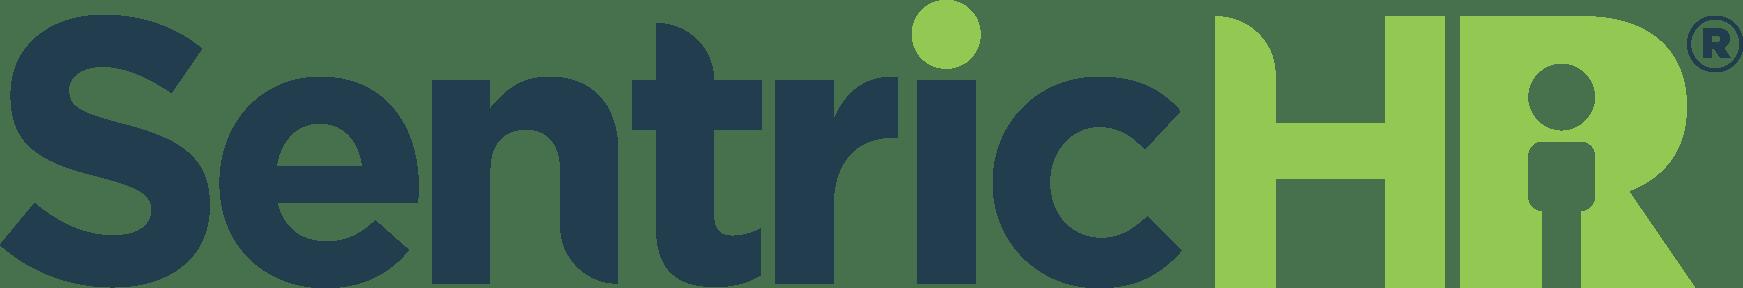 SentricHR logo